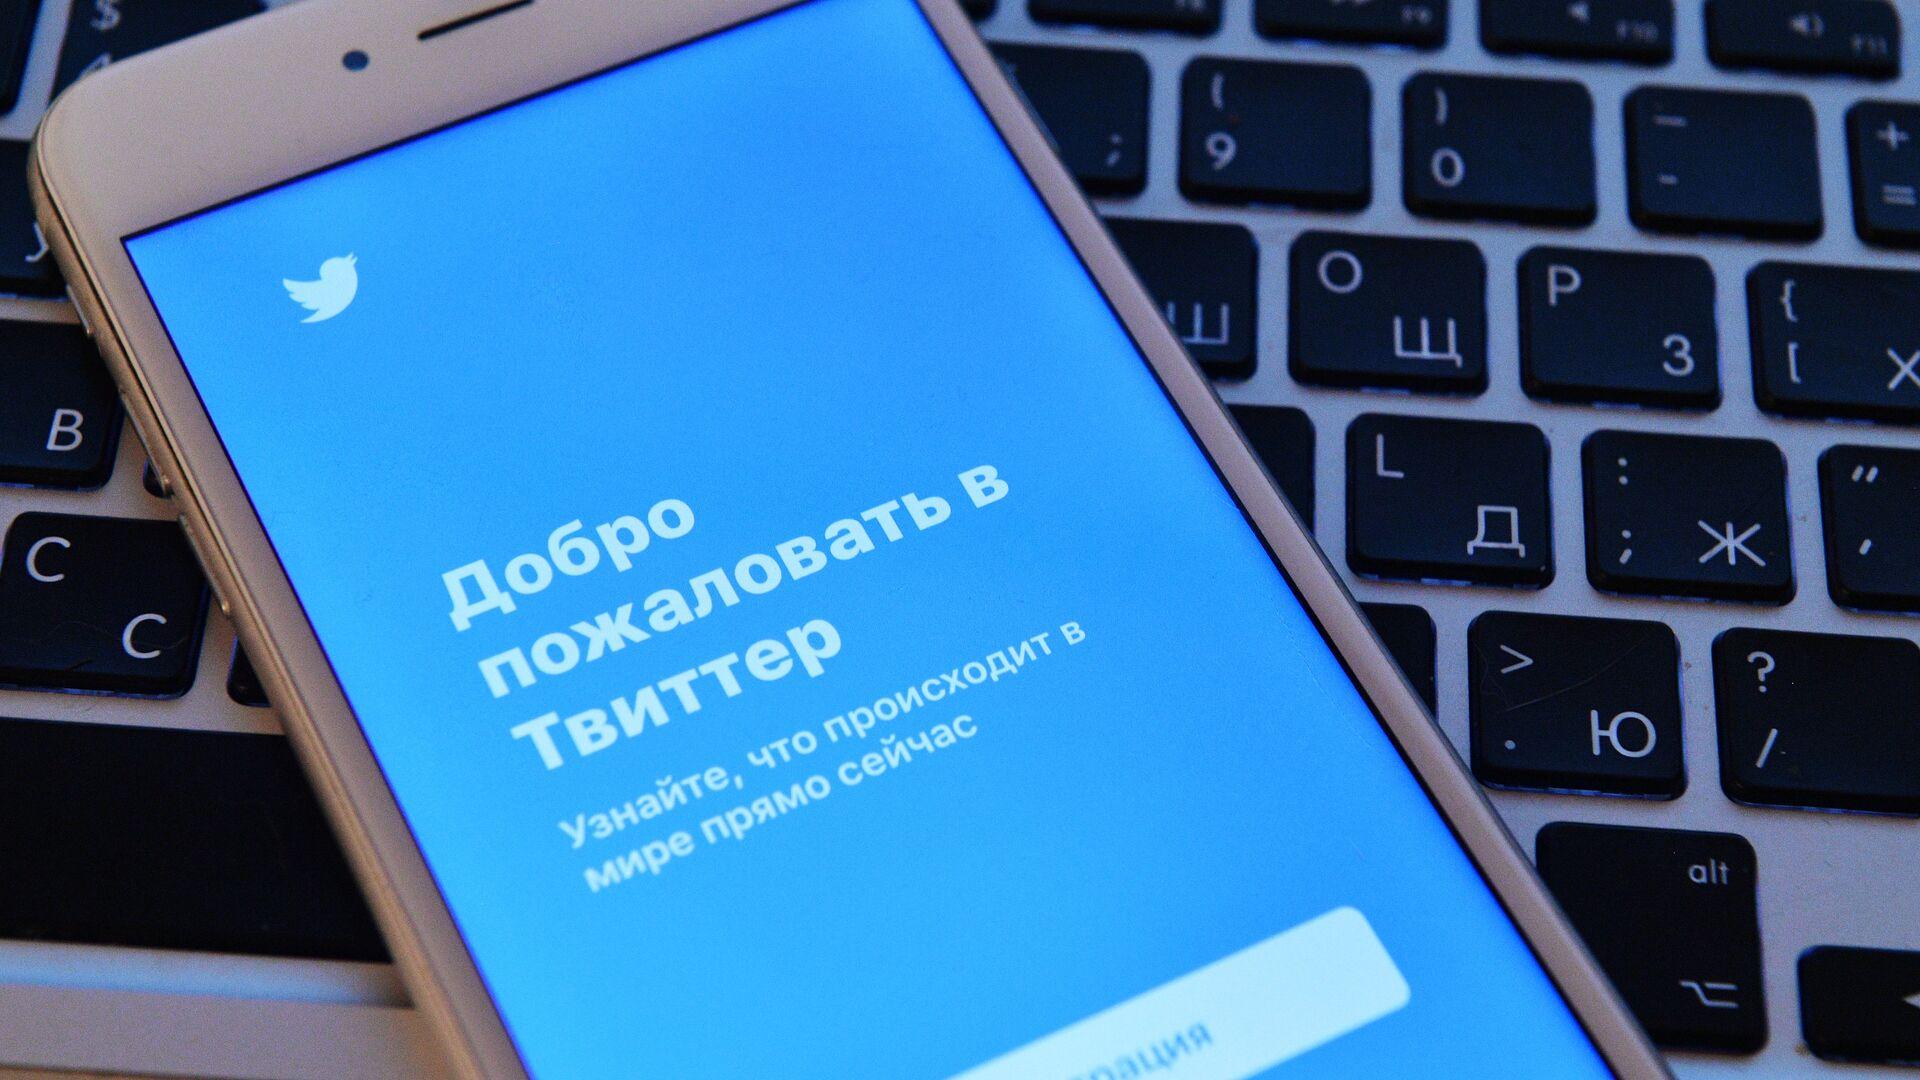 Страница социальной сети Twitter на экране смартфона - РИА Новости, 1920, 01.03.2021